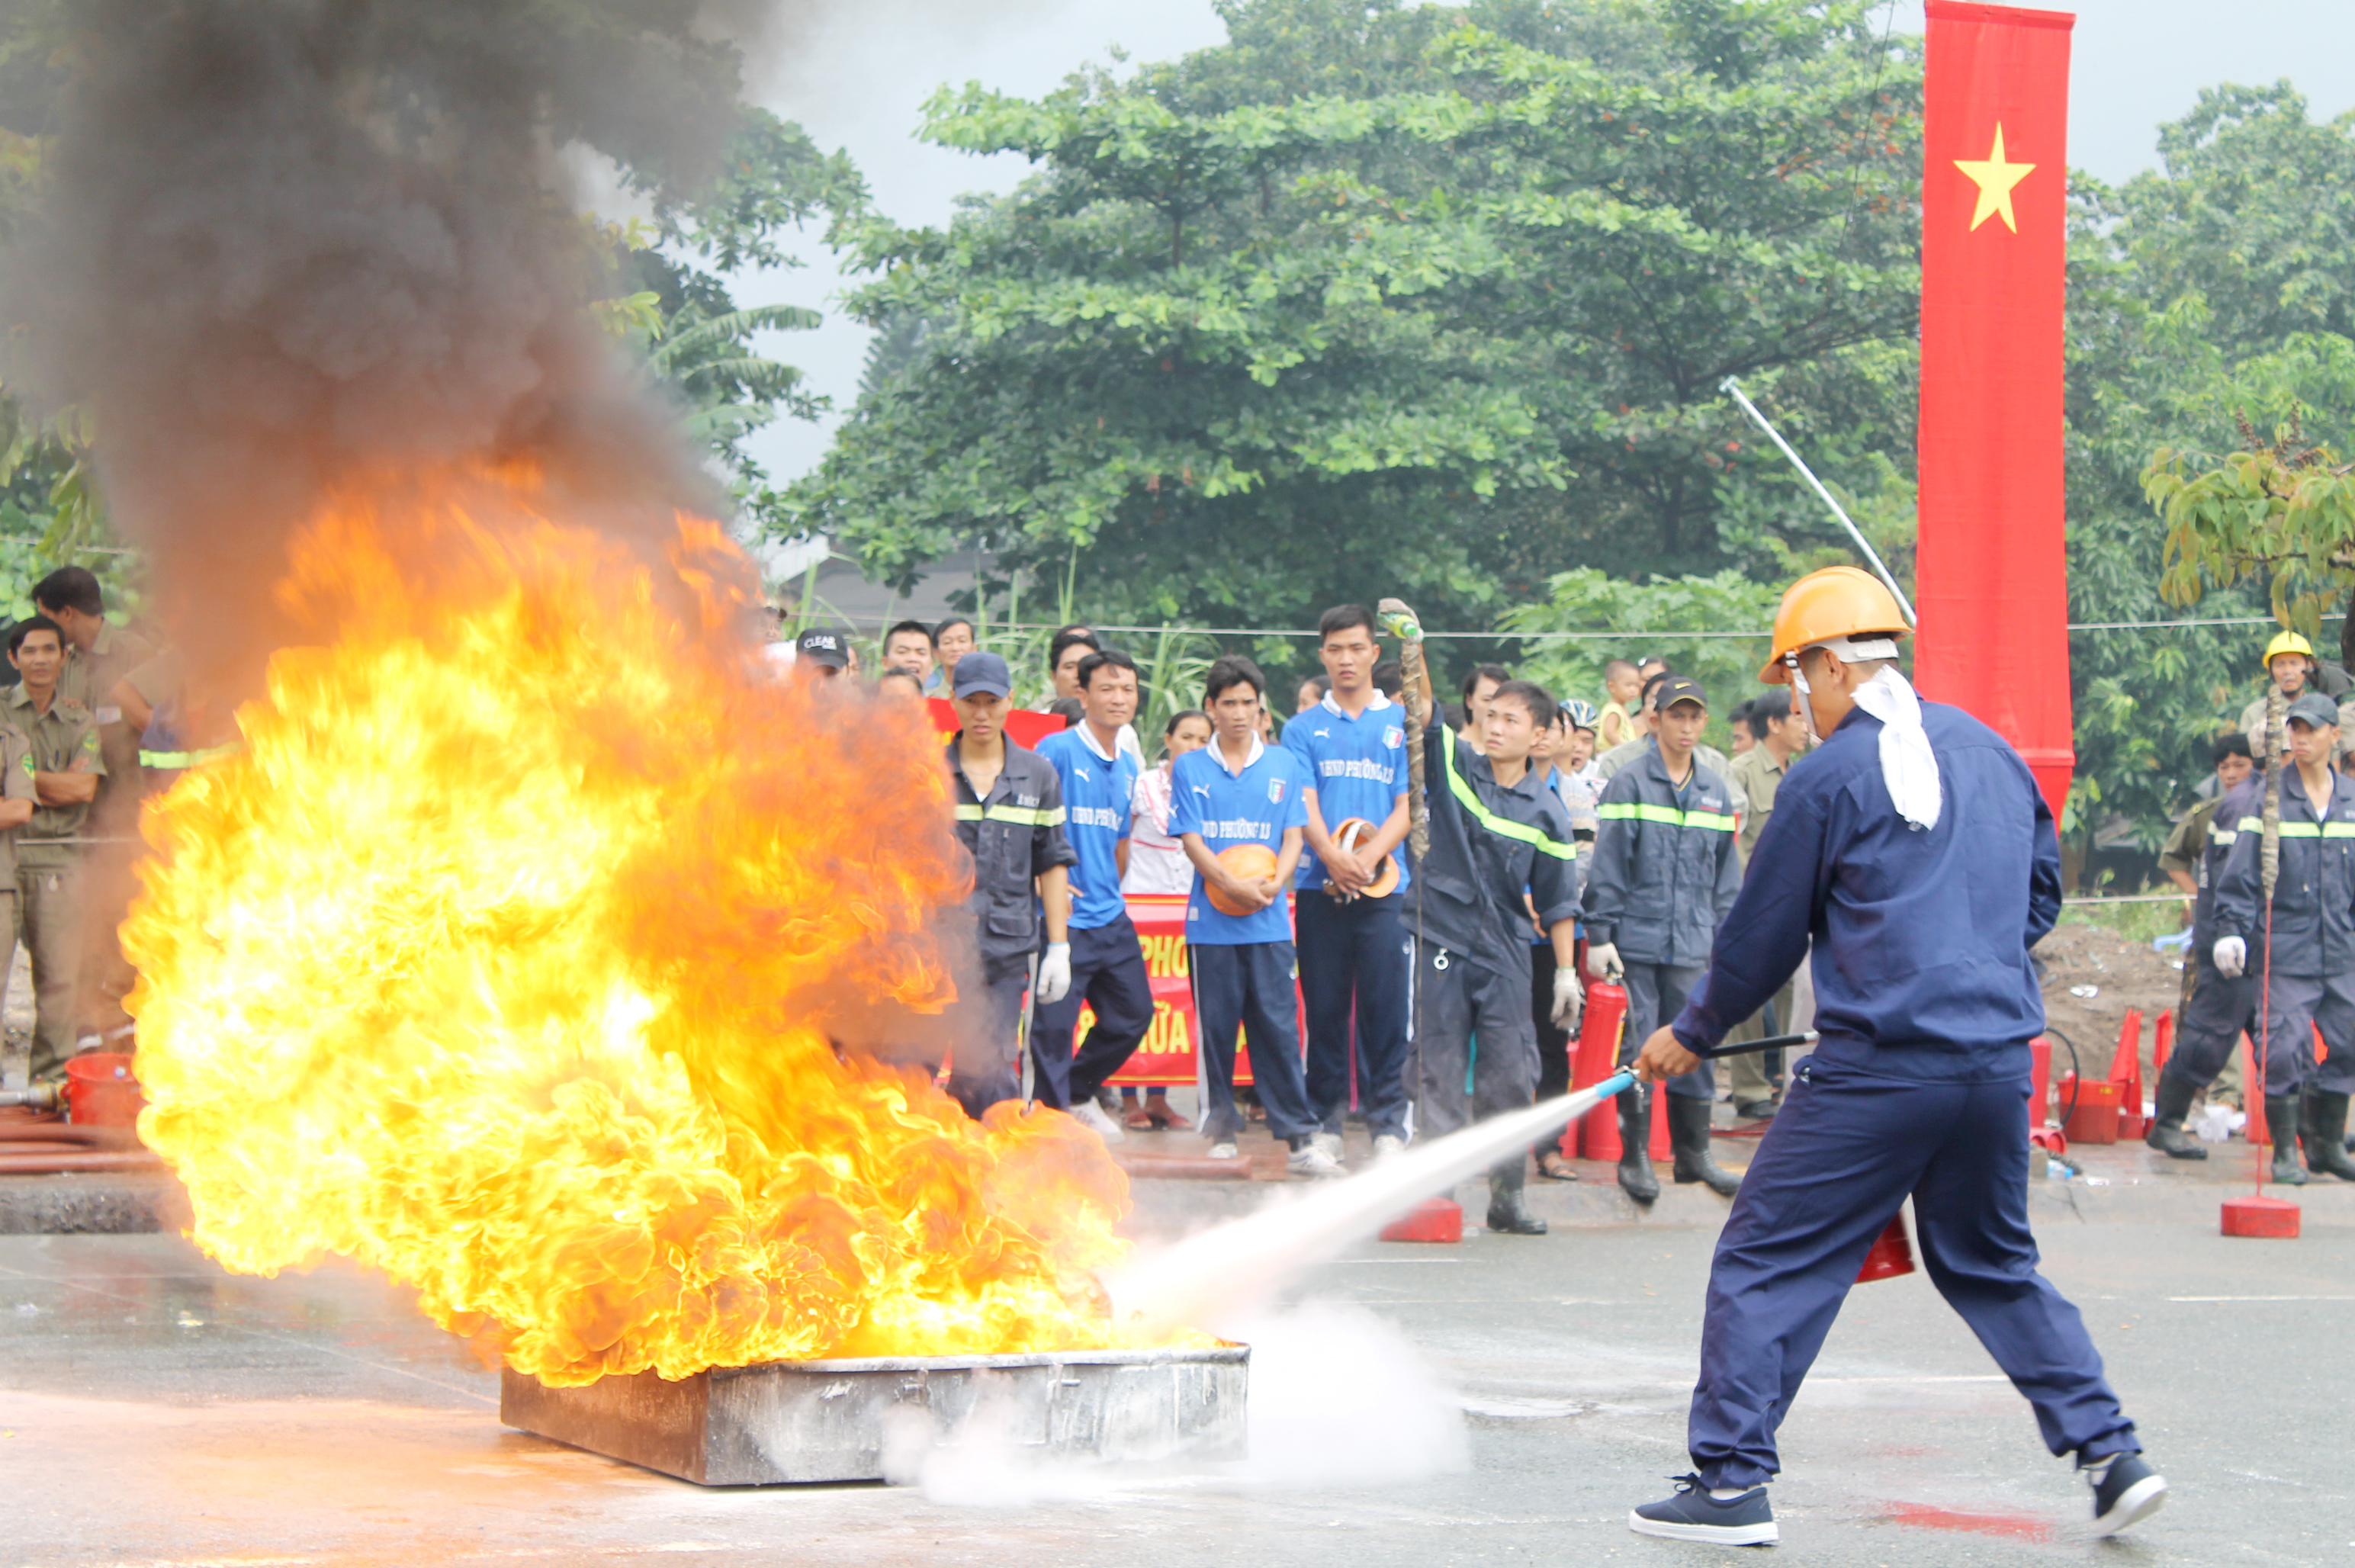 Tăng cường công tác quản lý phòng cháy chữa cháy tại khu dân cư